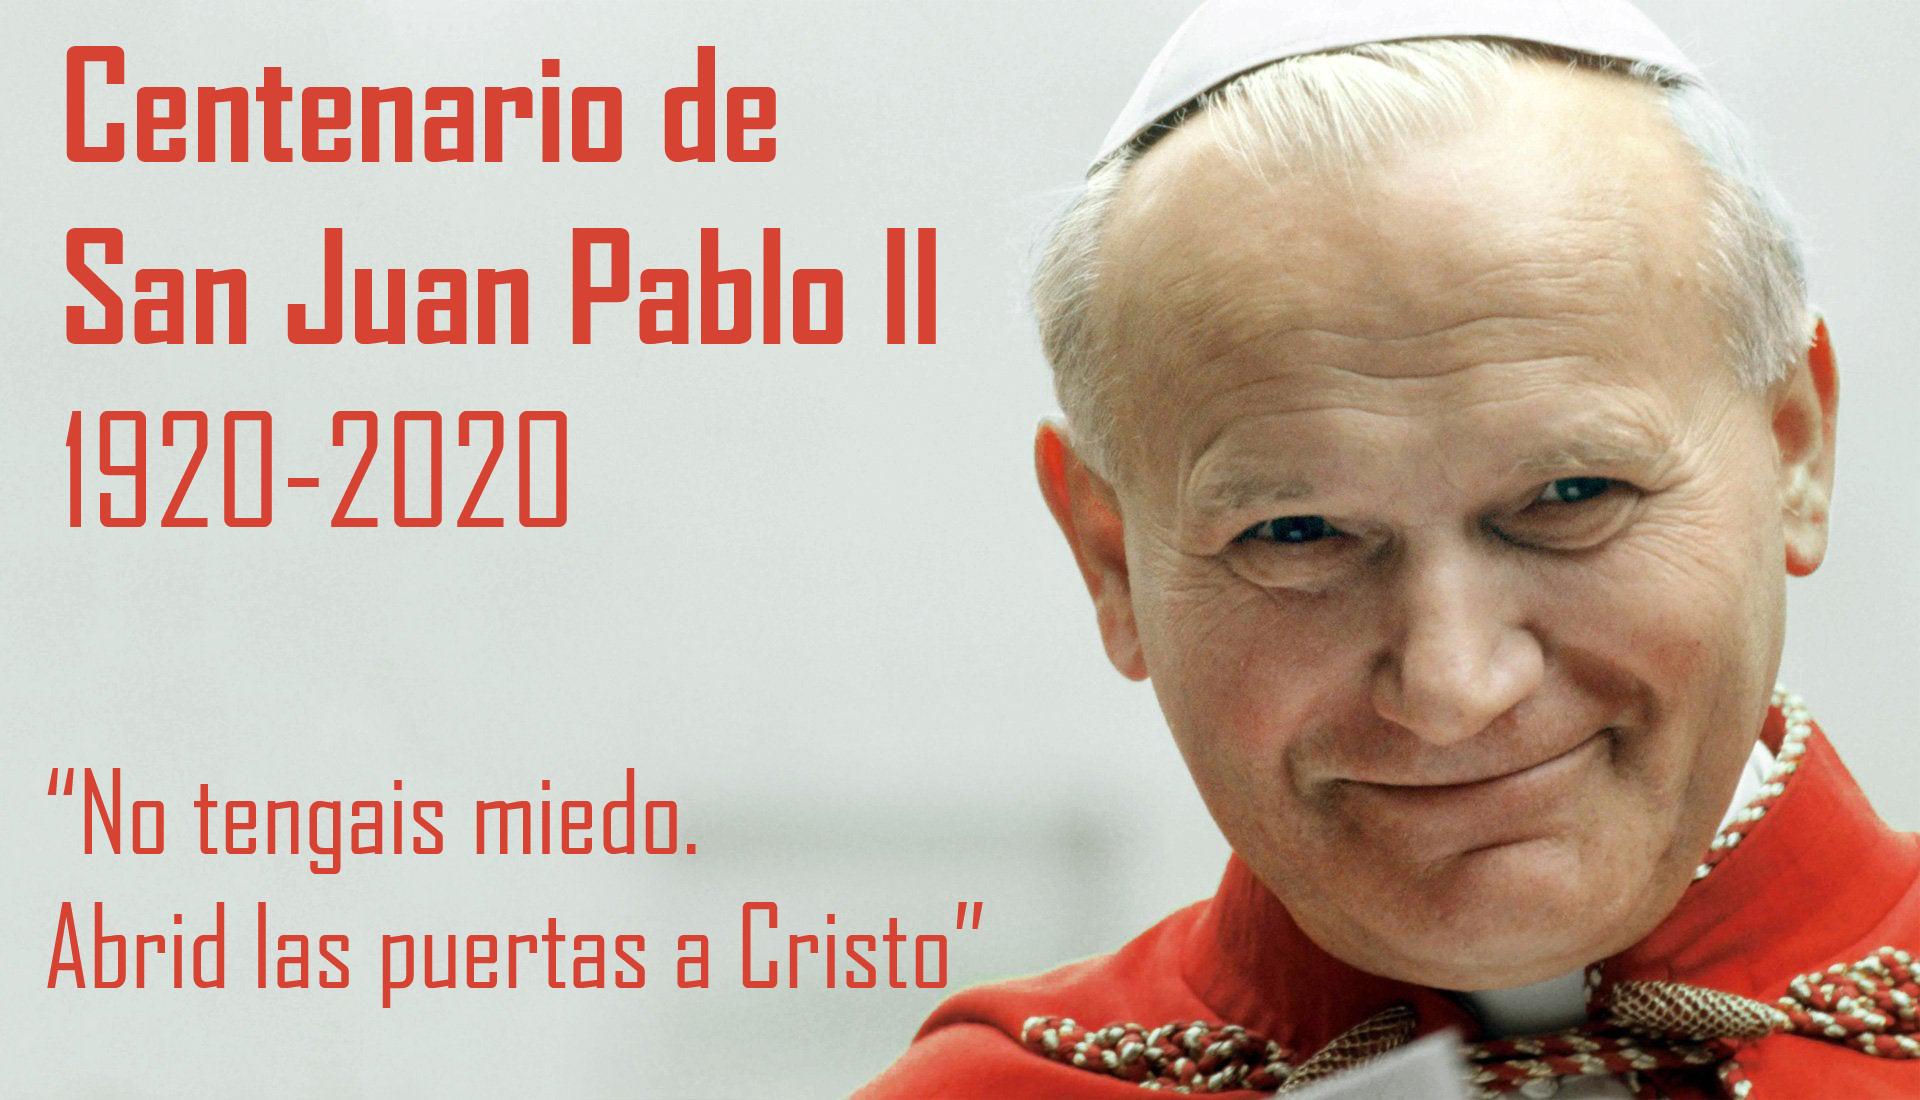 San Juan Pablo II - Biografía en el Centenario de su nacimiento 1920-2020 1